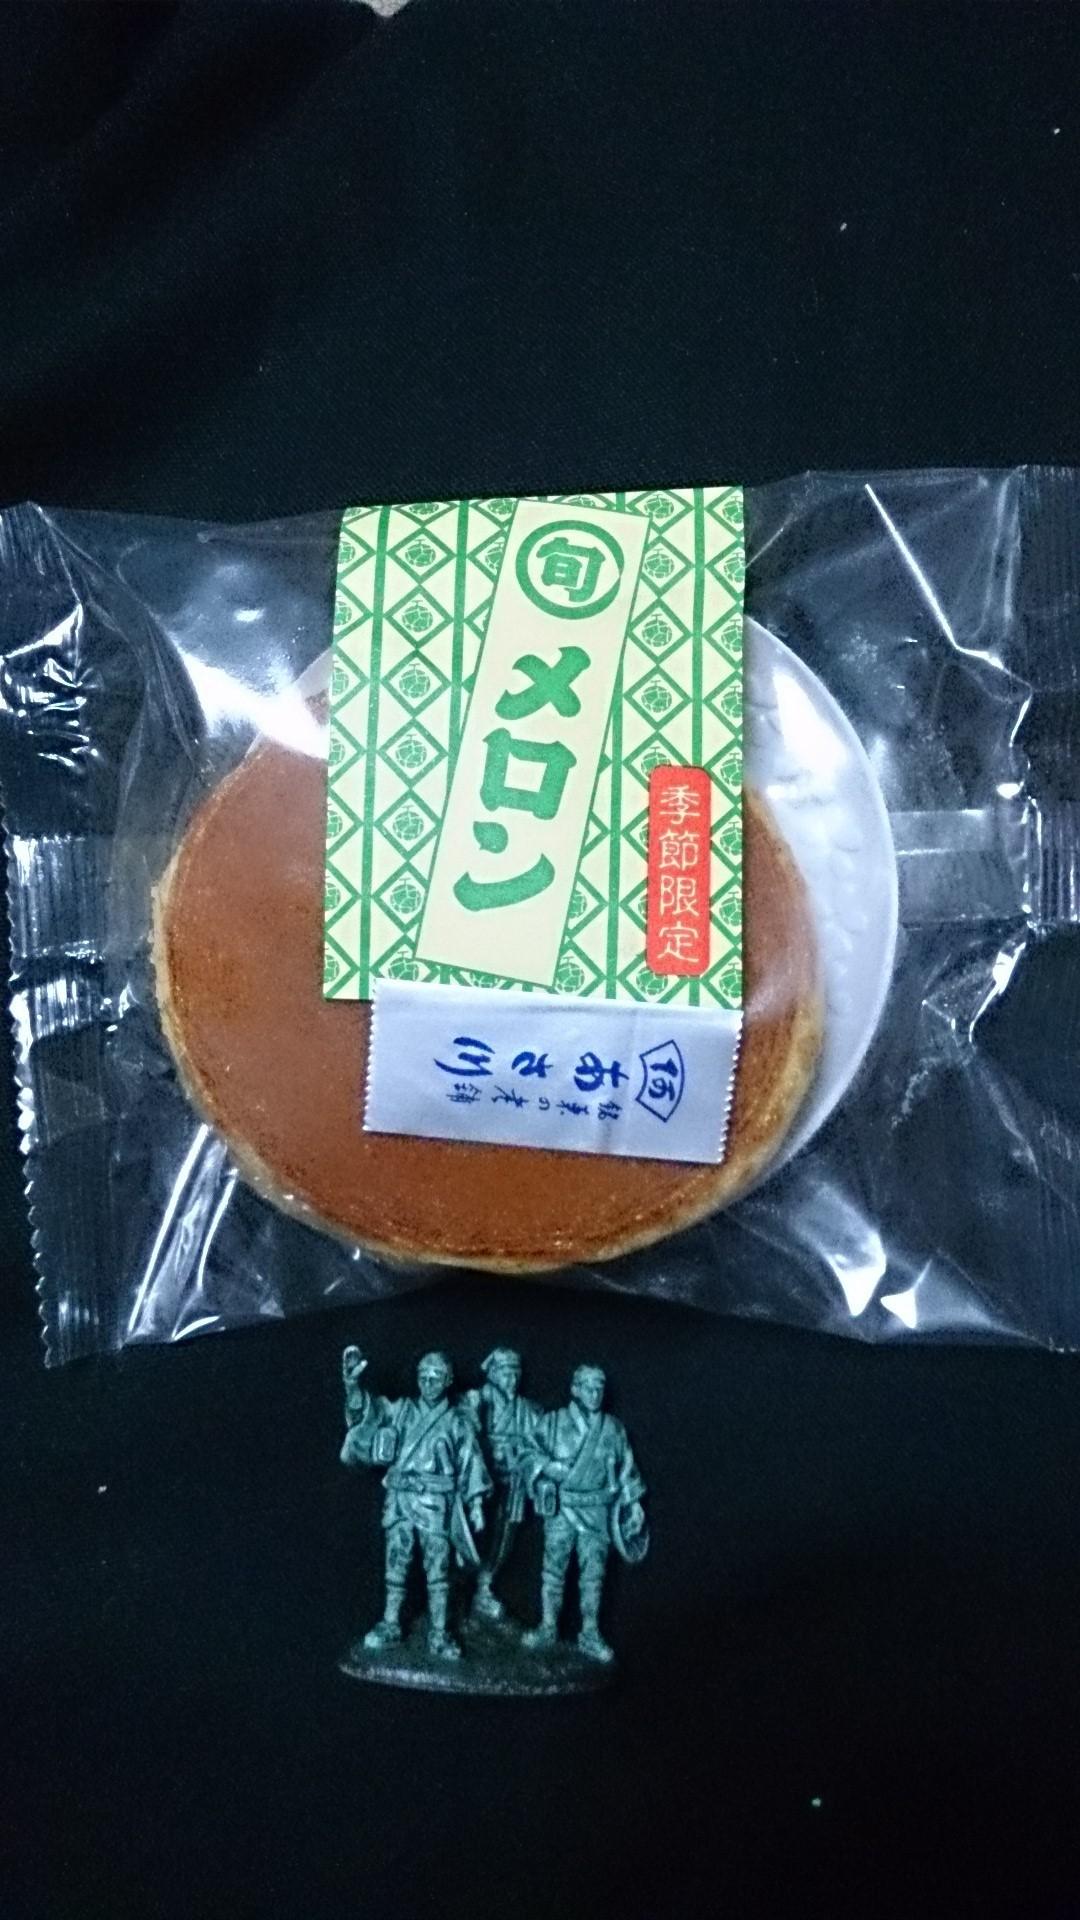 あさ川 マルト春日店 name=